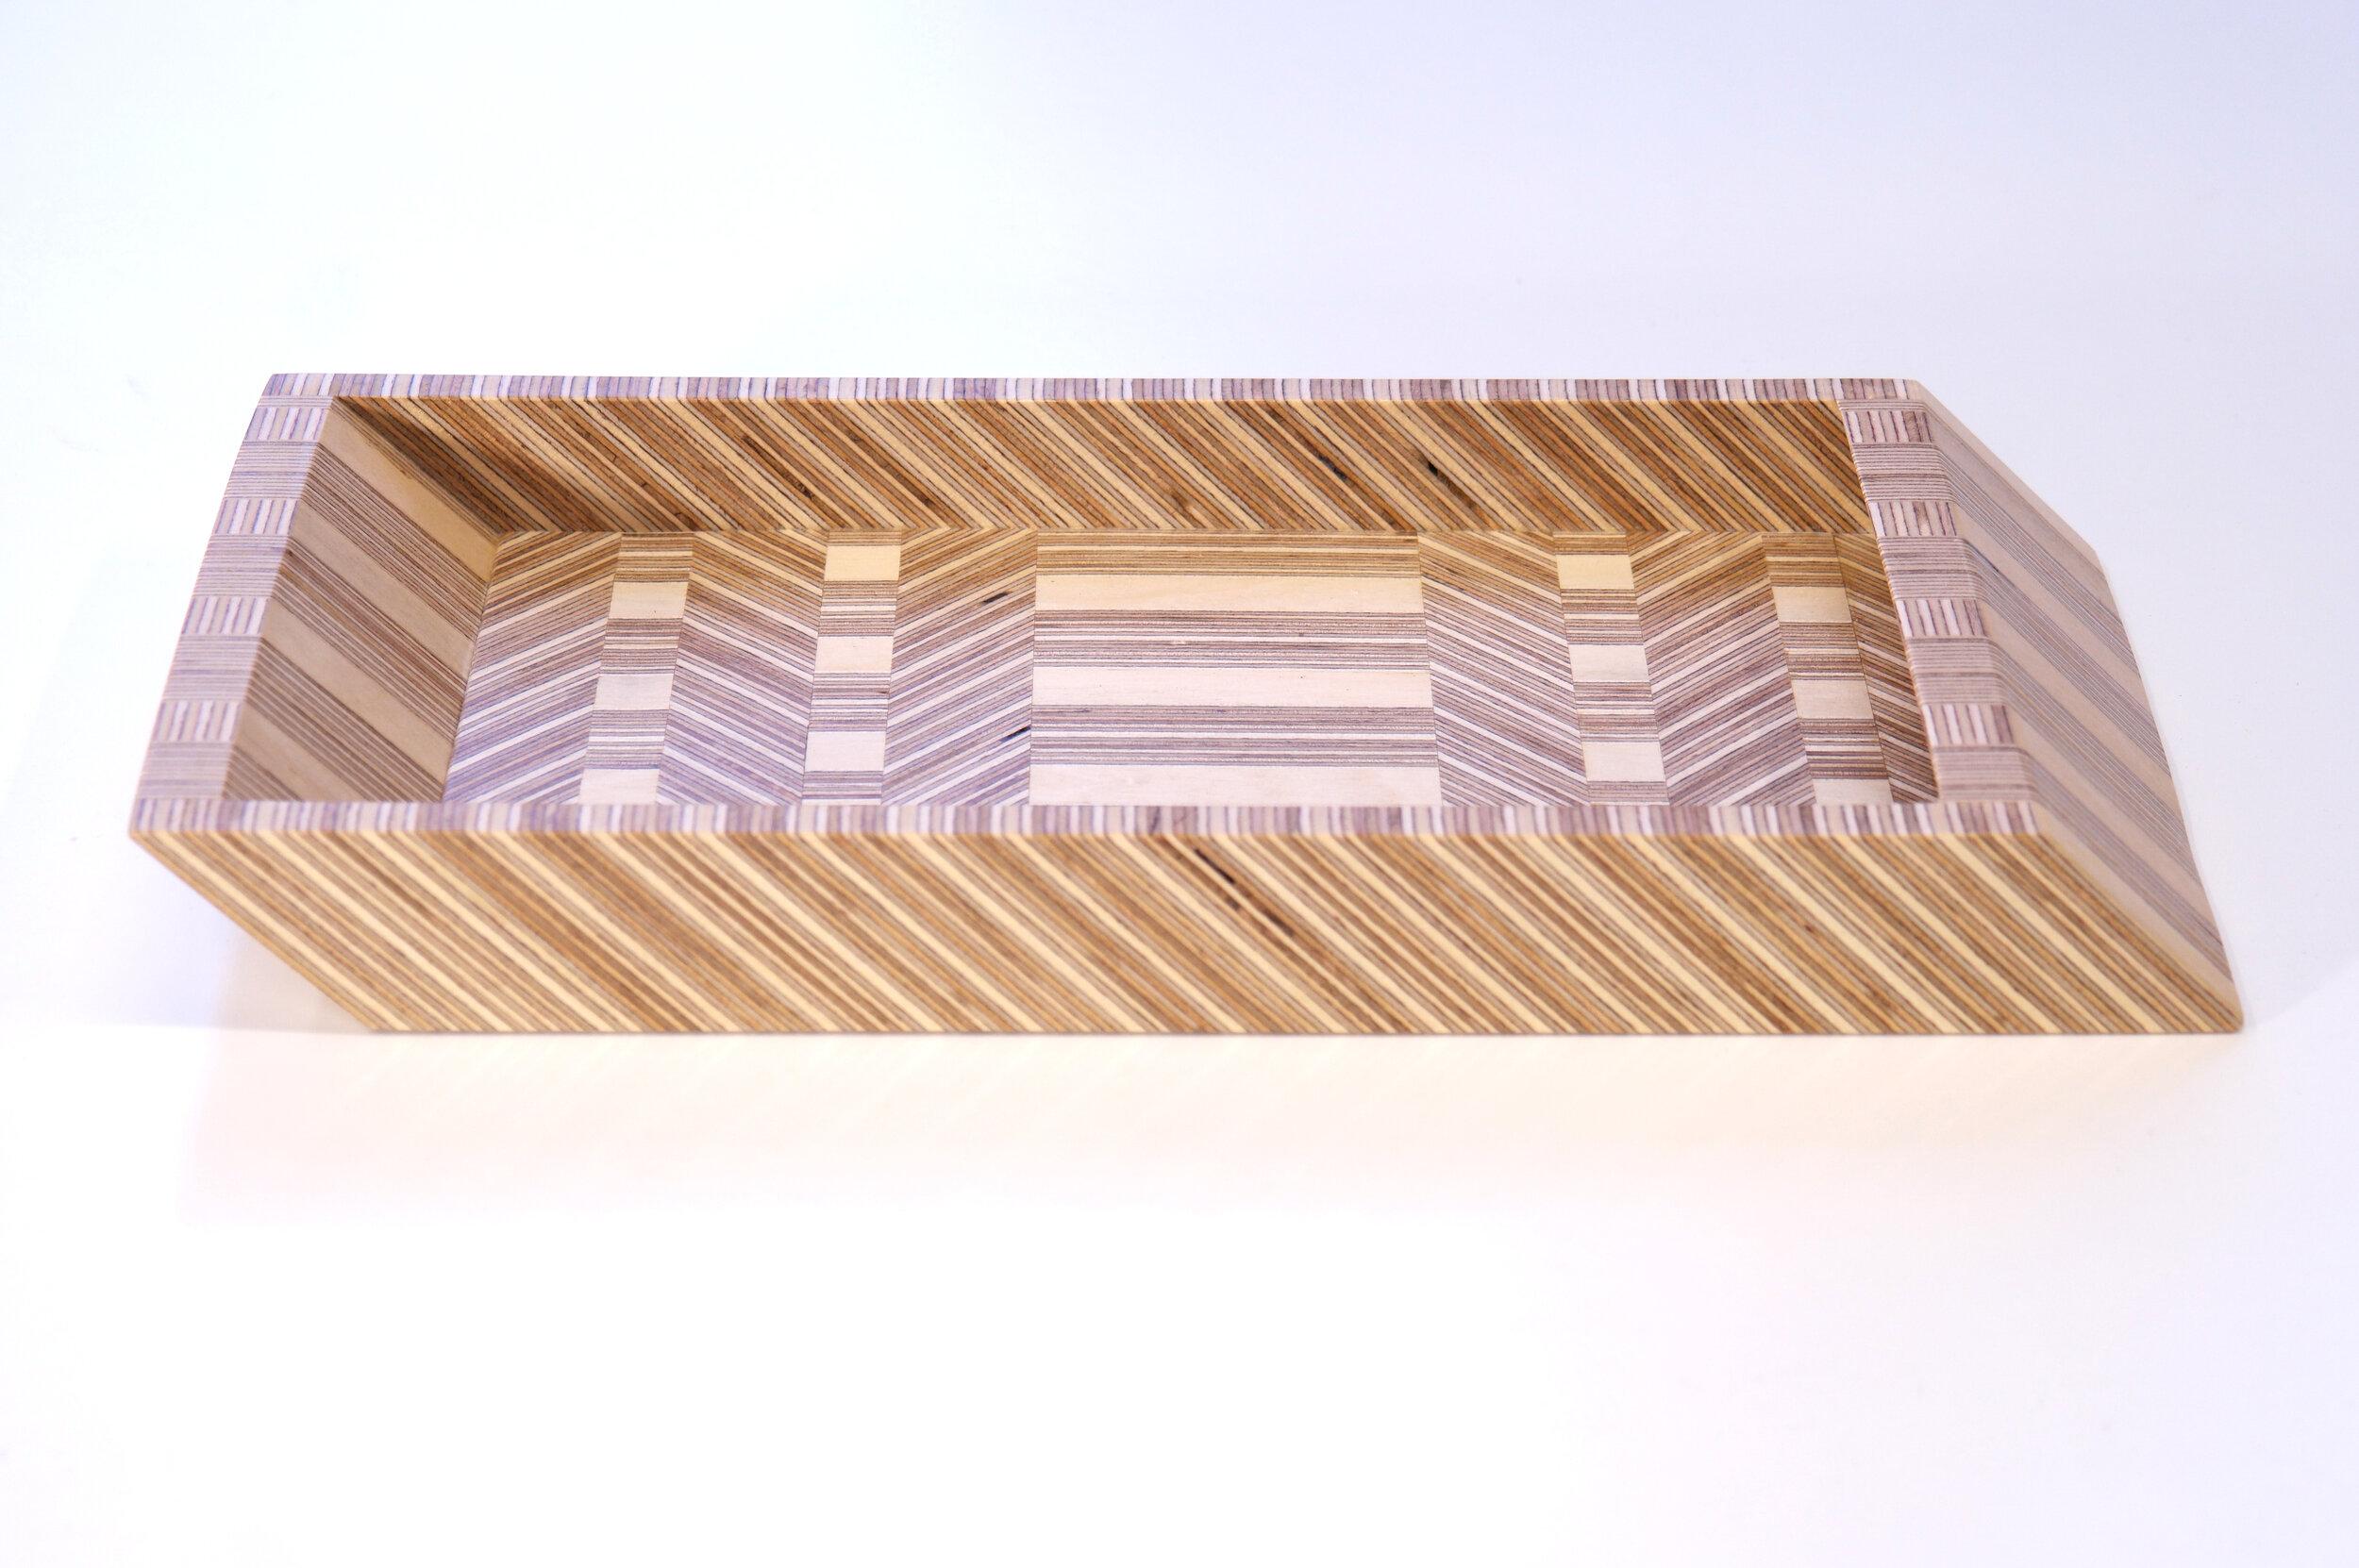 Circuit Board 1 - https://www.ebay.com/itm/333336242472